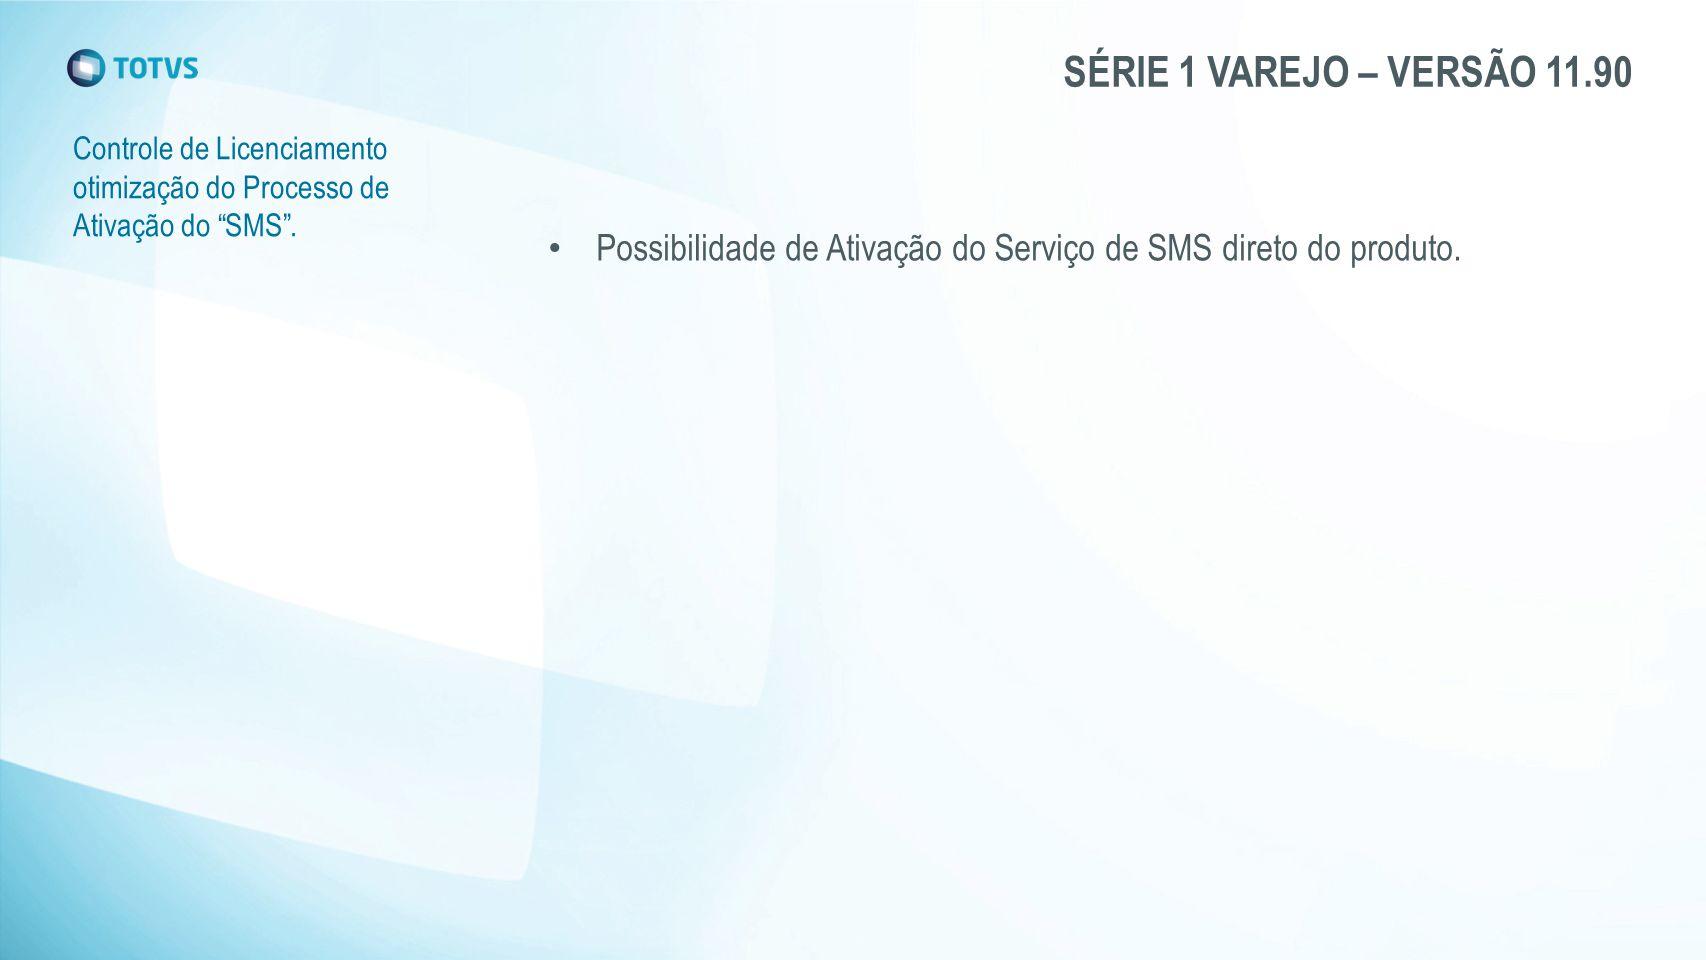 """SÉRIE 1 VAREJO – VERSÃO 11.90 Controle de Licenciamento otimização do Processo de Ativação do """"SMS"""". Possibilidade de Ativação do Serviço de SMS diret"""